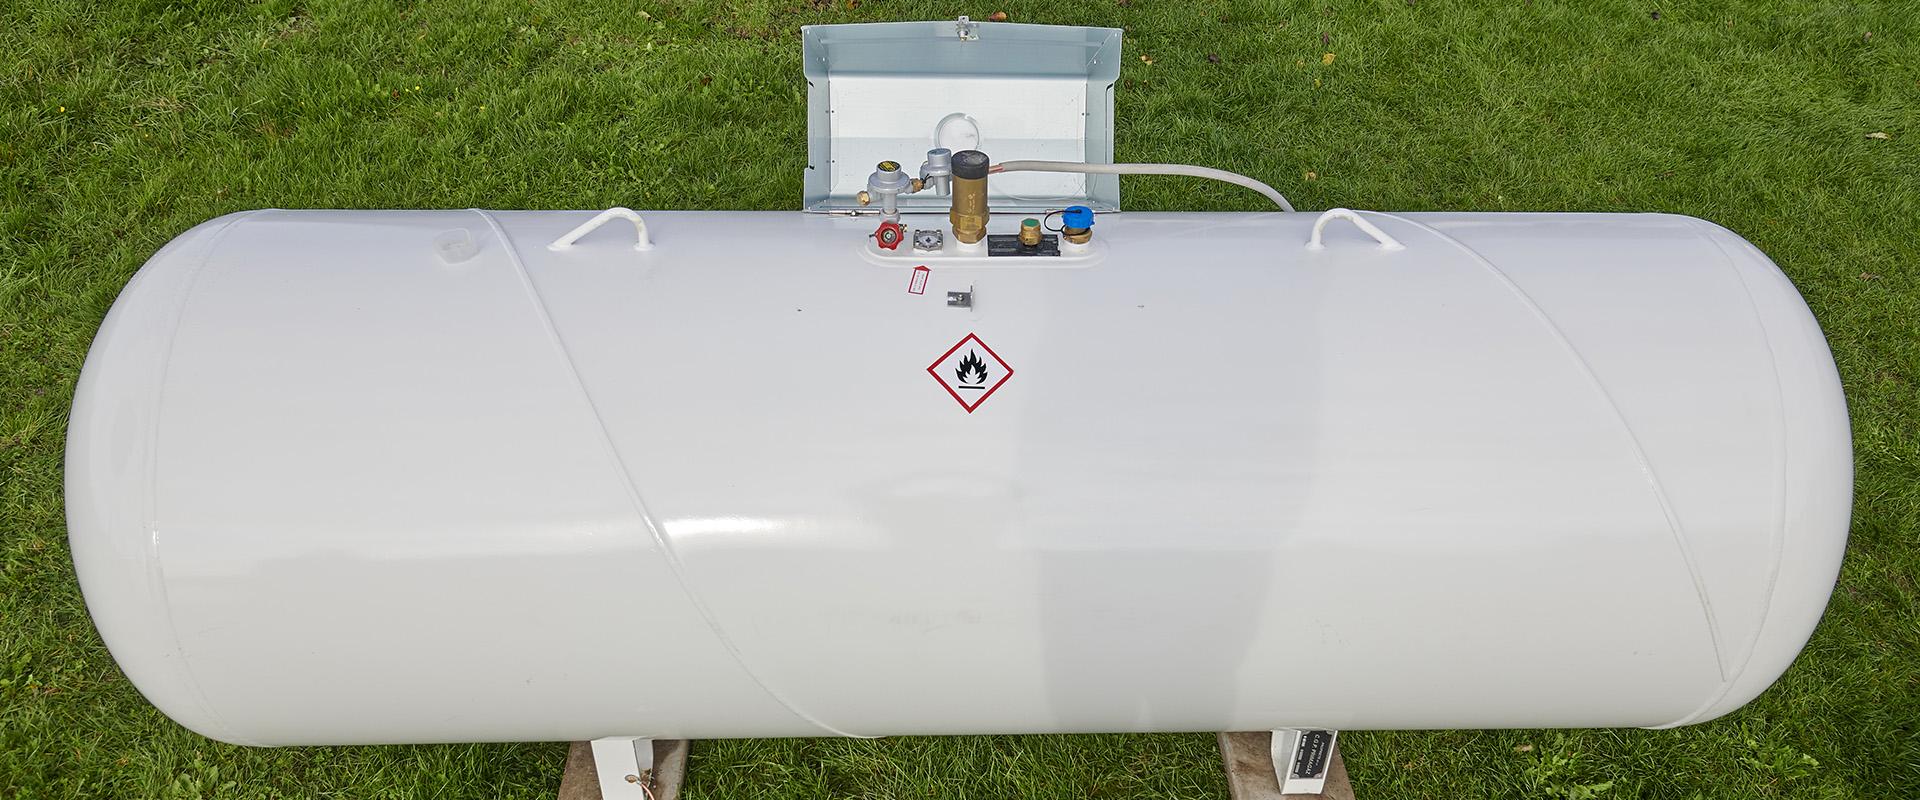 Une citerne de gaz et ses équipements